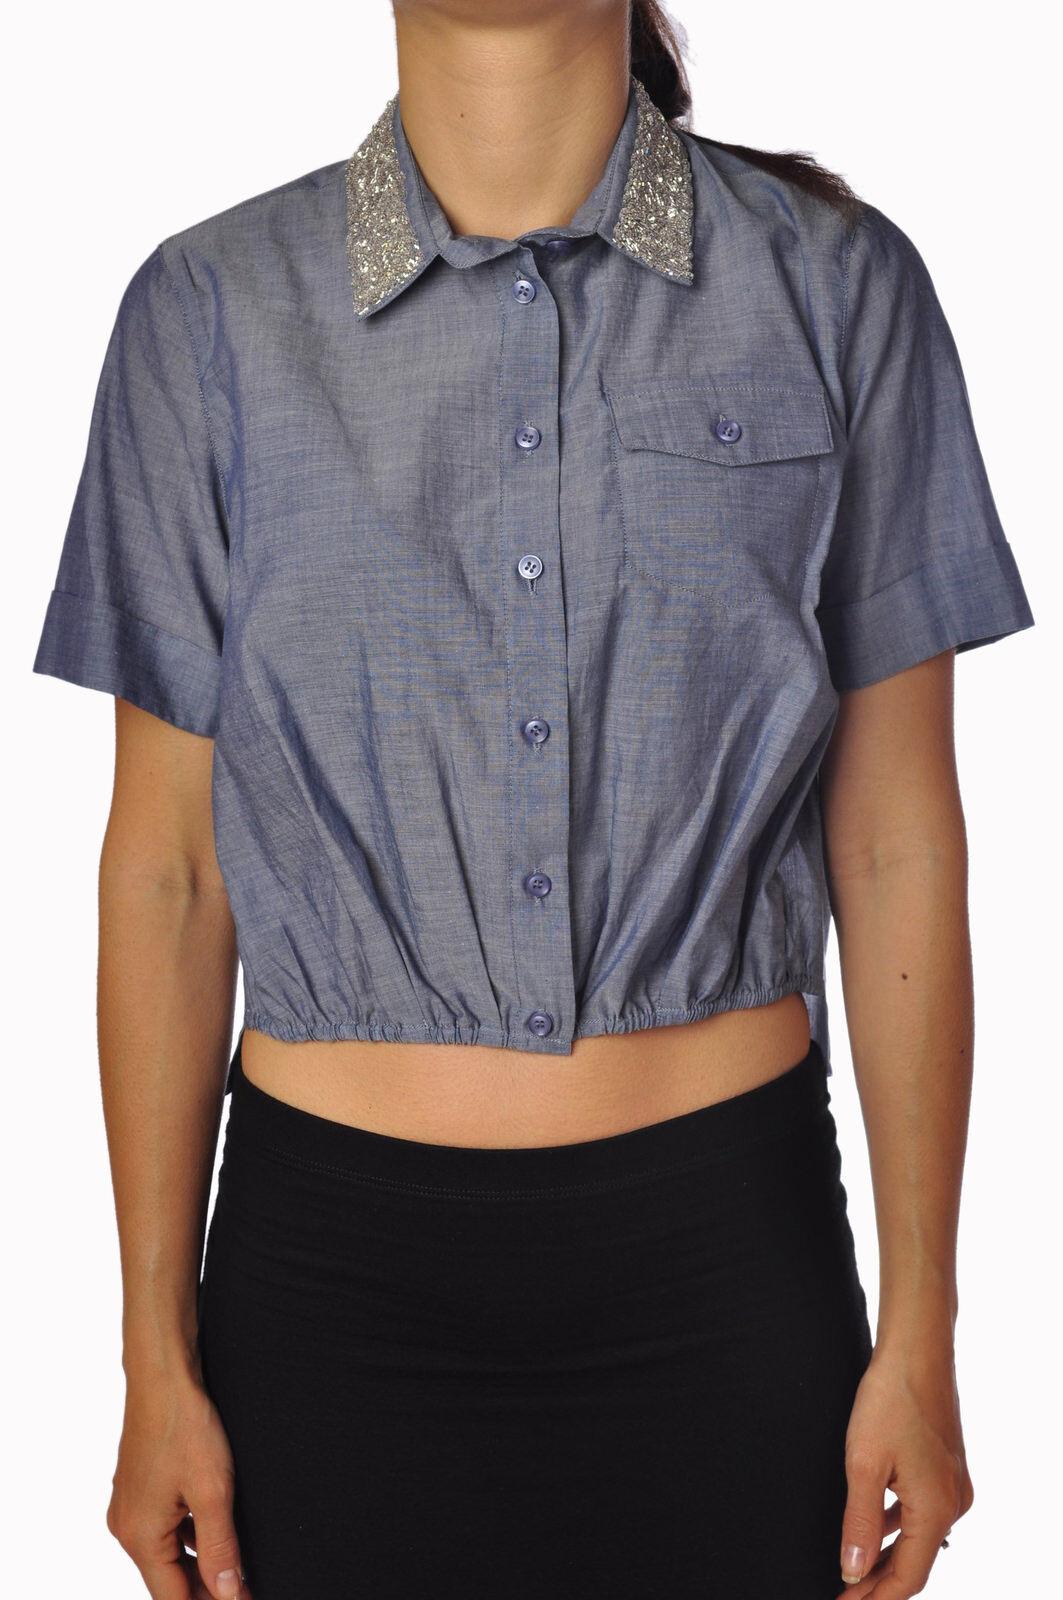 Liu-Jo - Shirts-Shirt - woman - Blau - 789317C184848